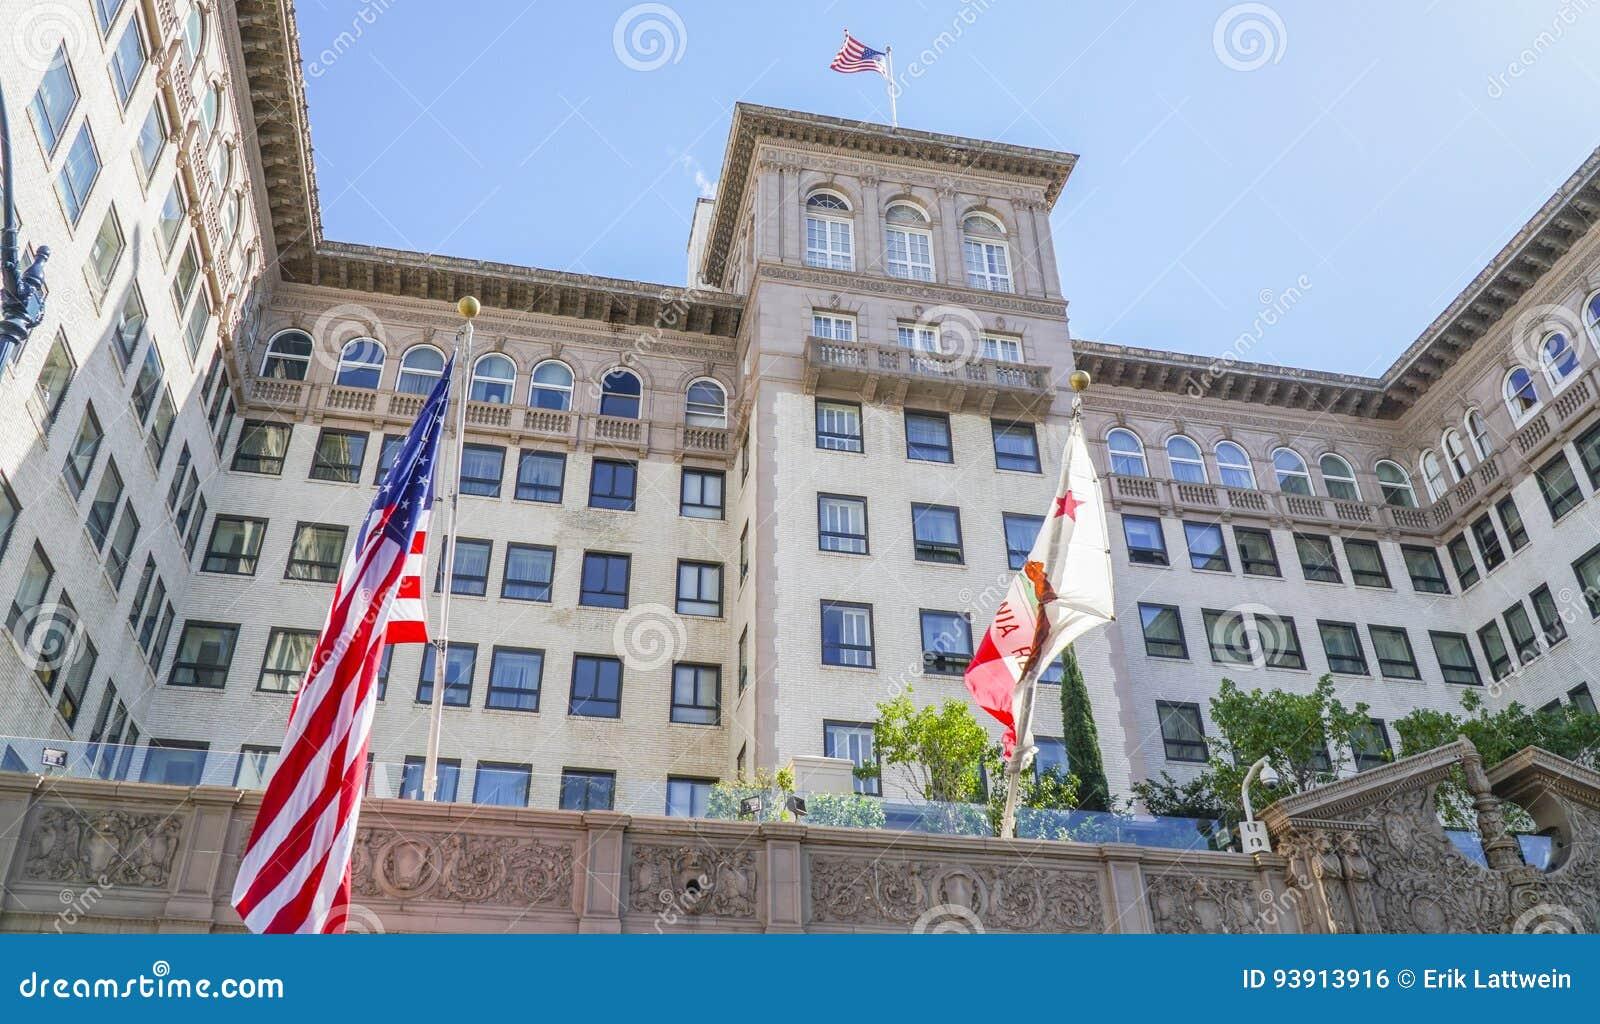 Beverly Wilshire Hotel - som är bekant från nätt kvinna - ett lyxigt hotell i Beverly Hills - LOS ANGELES - KALIFORNIEN - APRIL 2